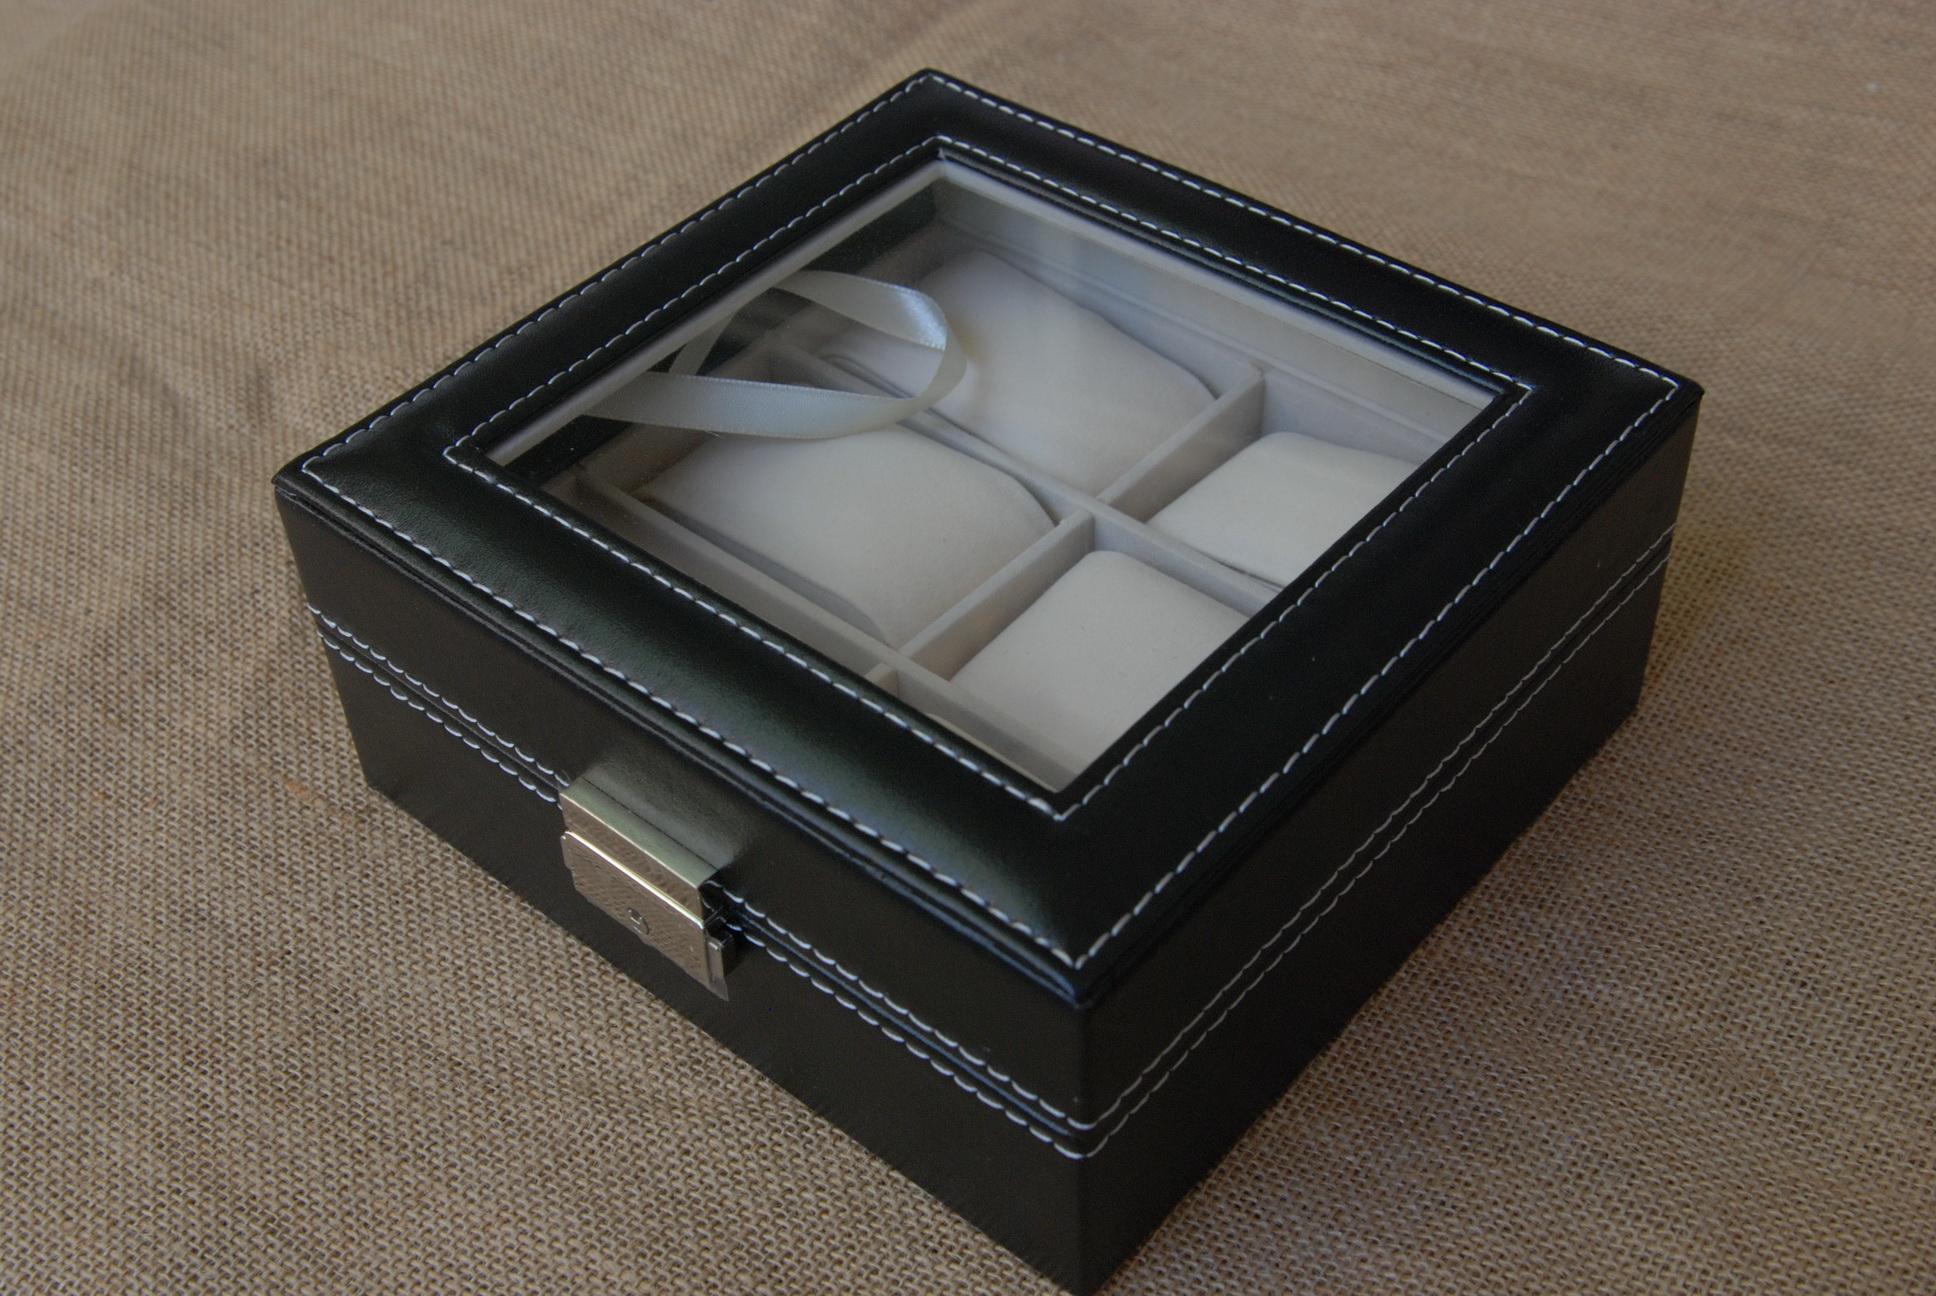 กล่องหนังเก็บนาฬิกา 6เรือน กุญแจล็อค